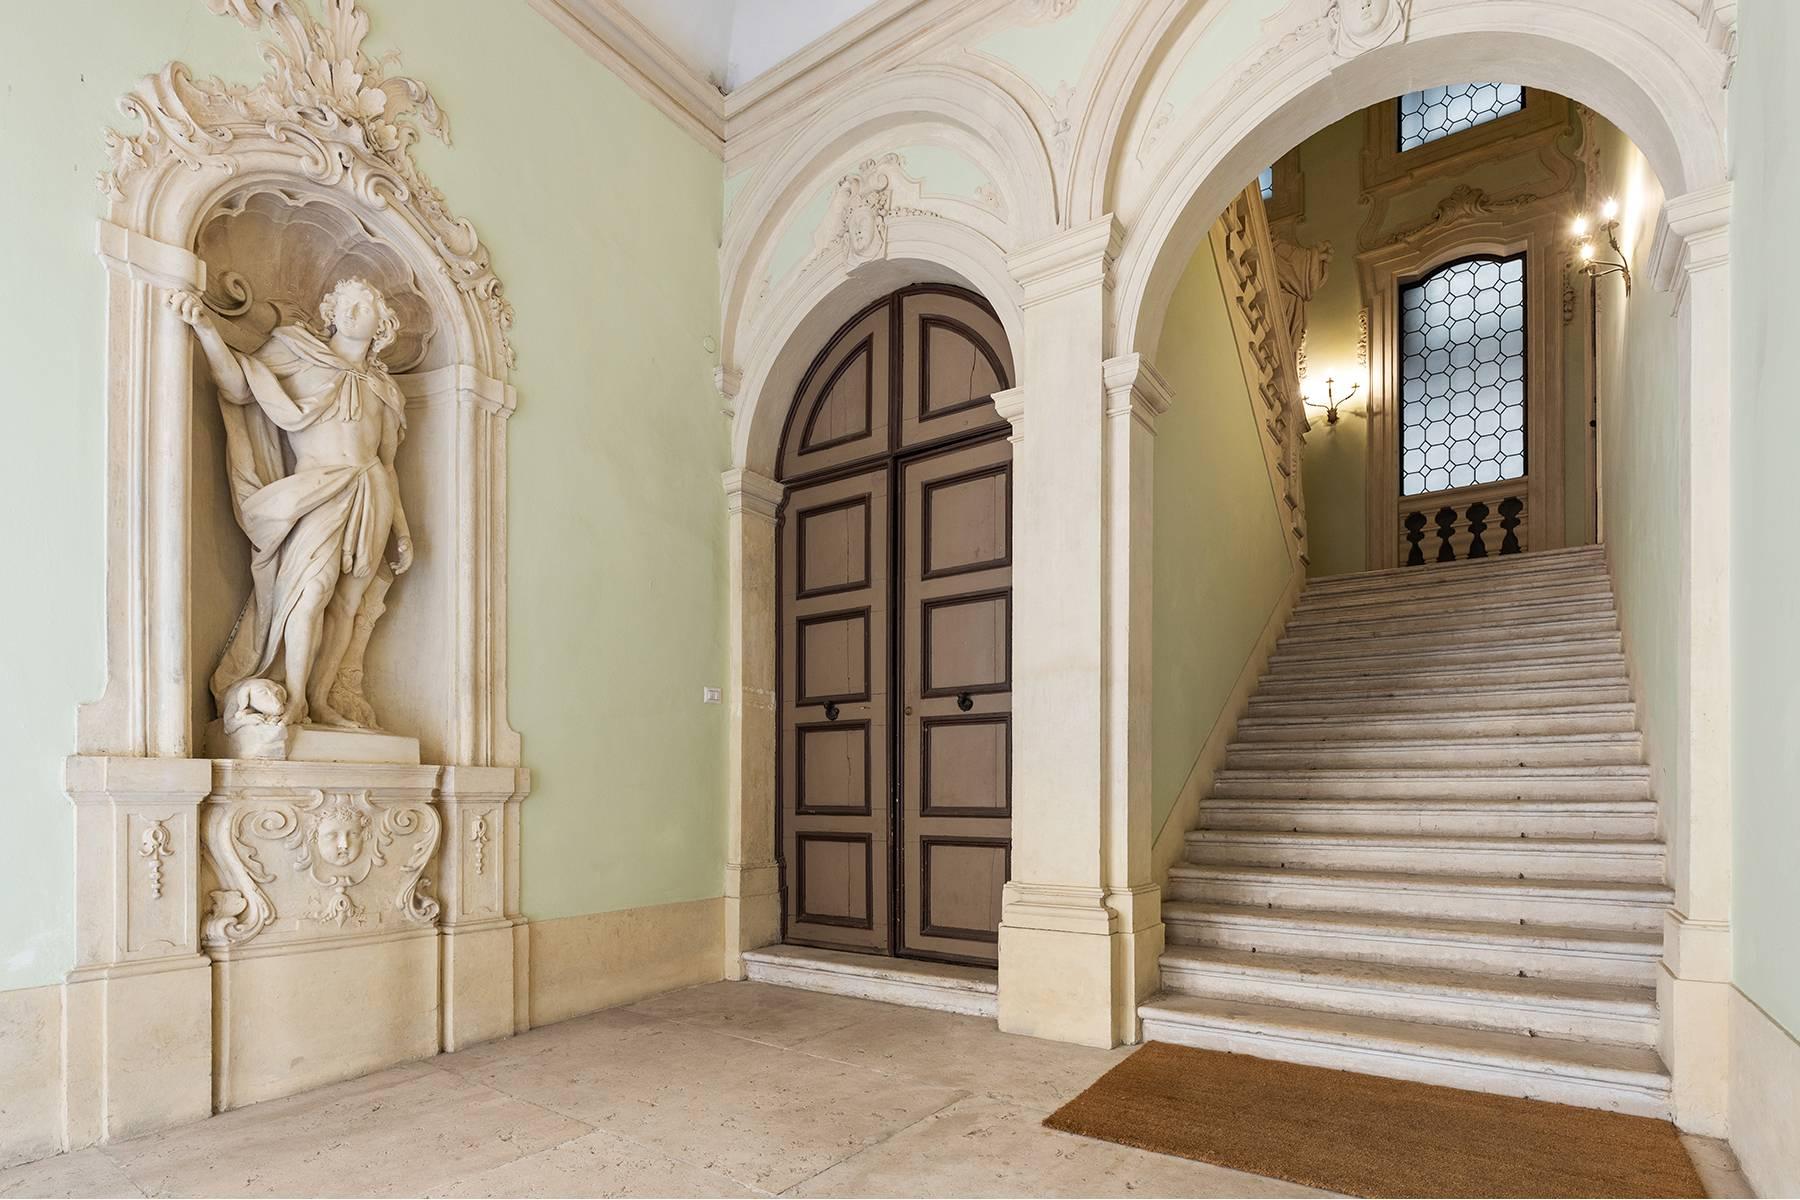 Ufficio-studio in Vendita a Verona: 5 locali, 615 mq - Foto 6